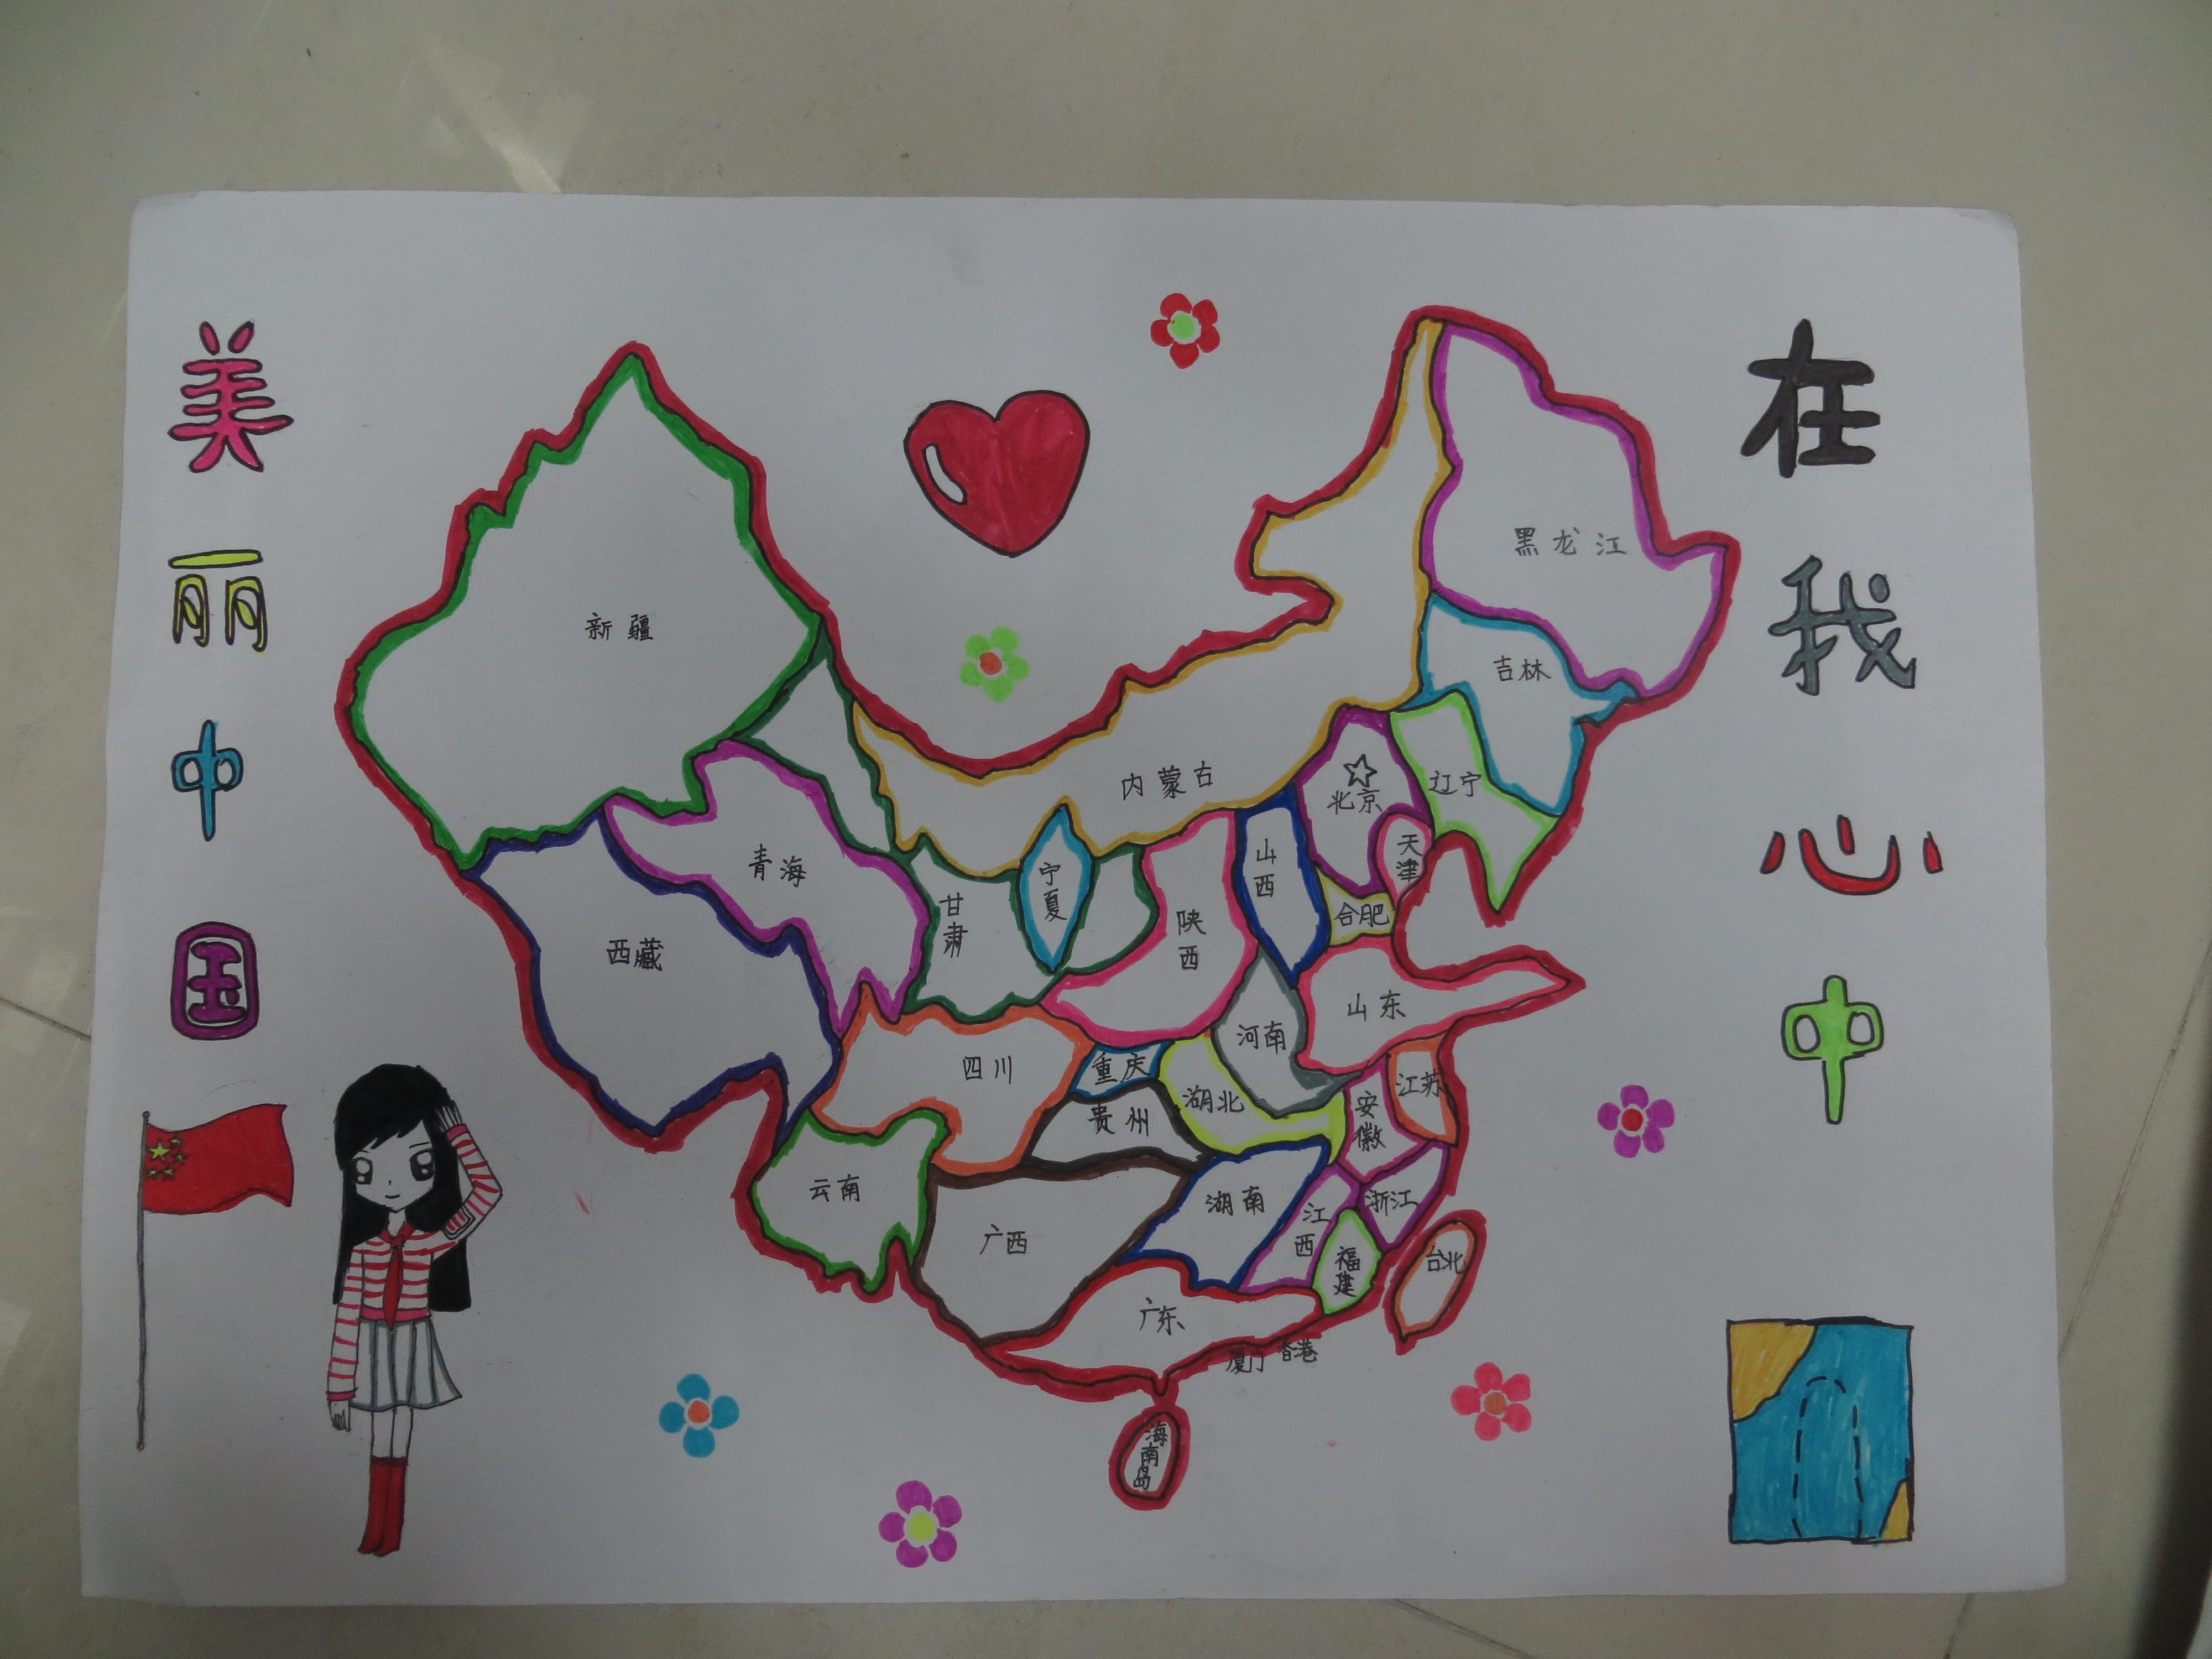 家版图少儿手绘地图比赛